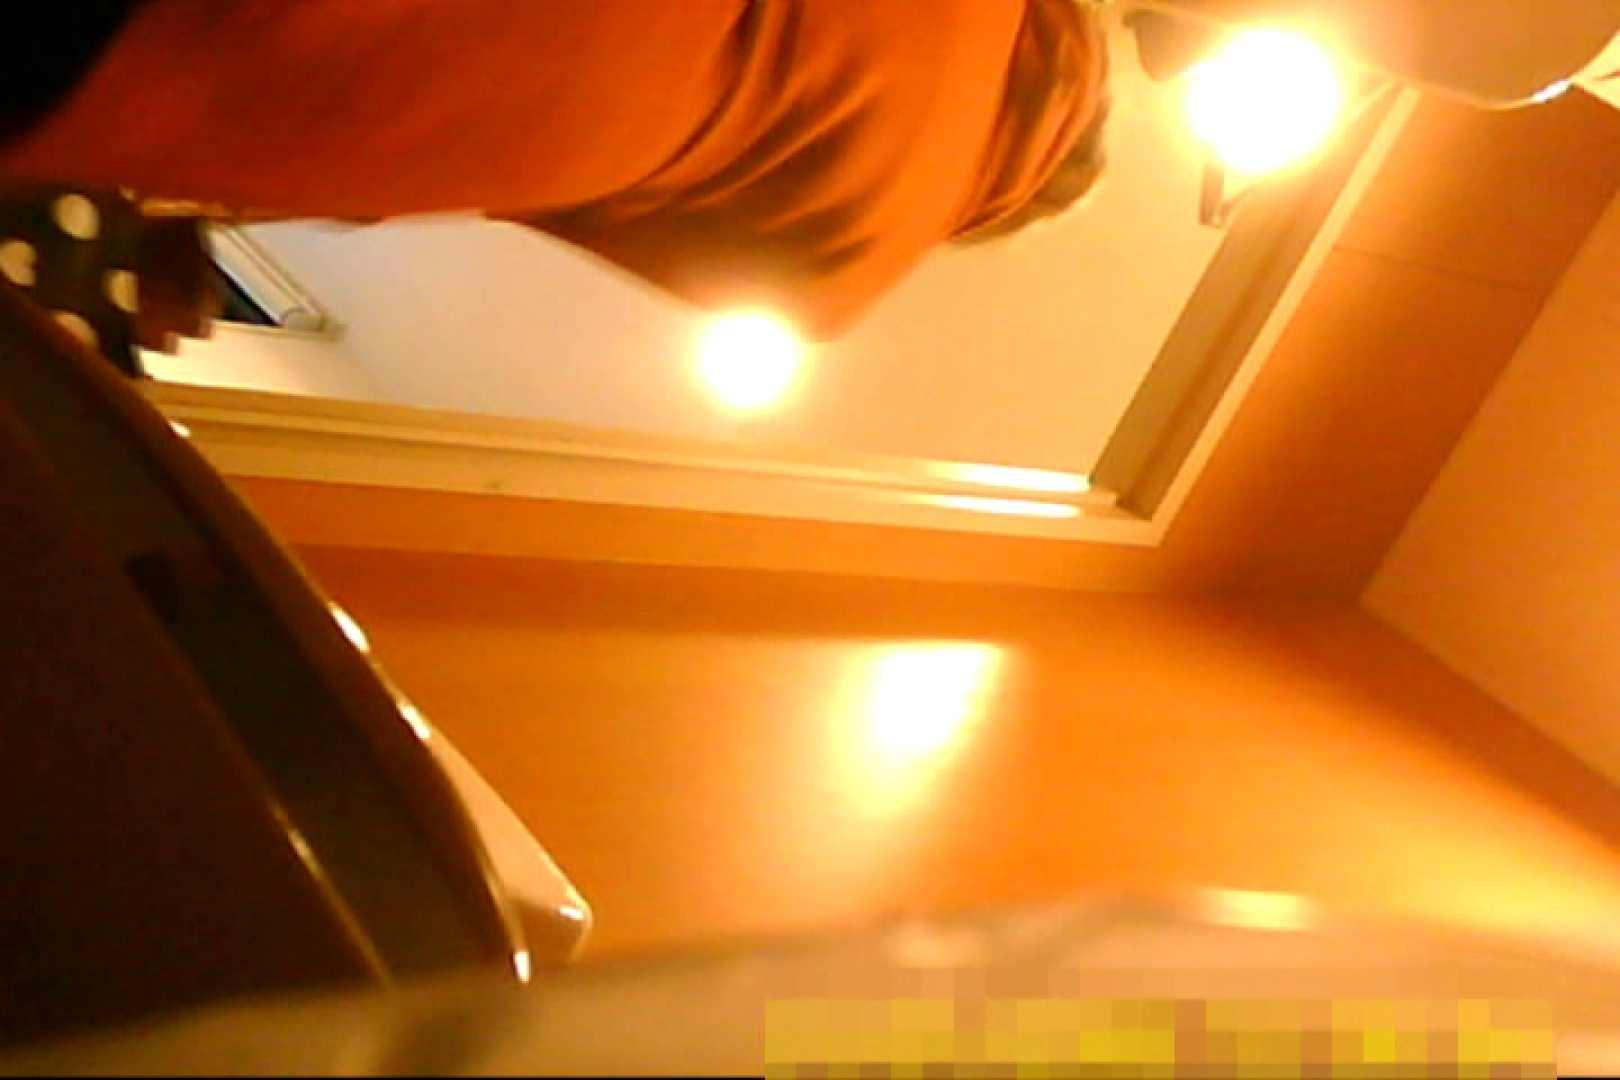 魅惑の化粧室~禁断のプライベート空間~vol.6 洗面所  71連発 13